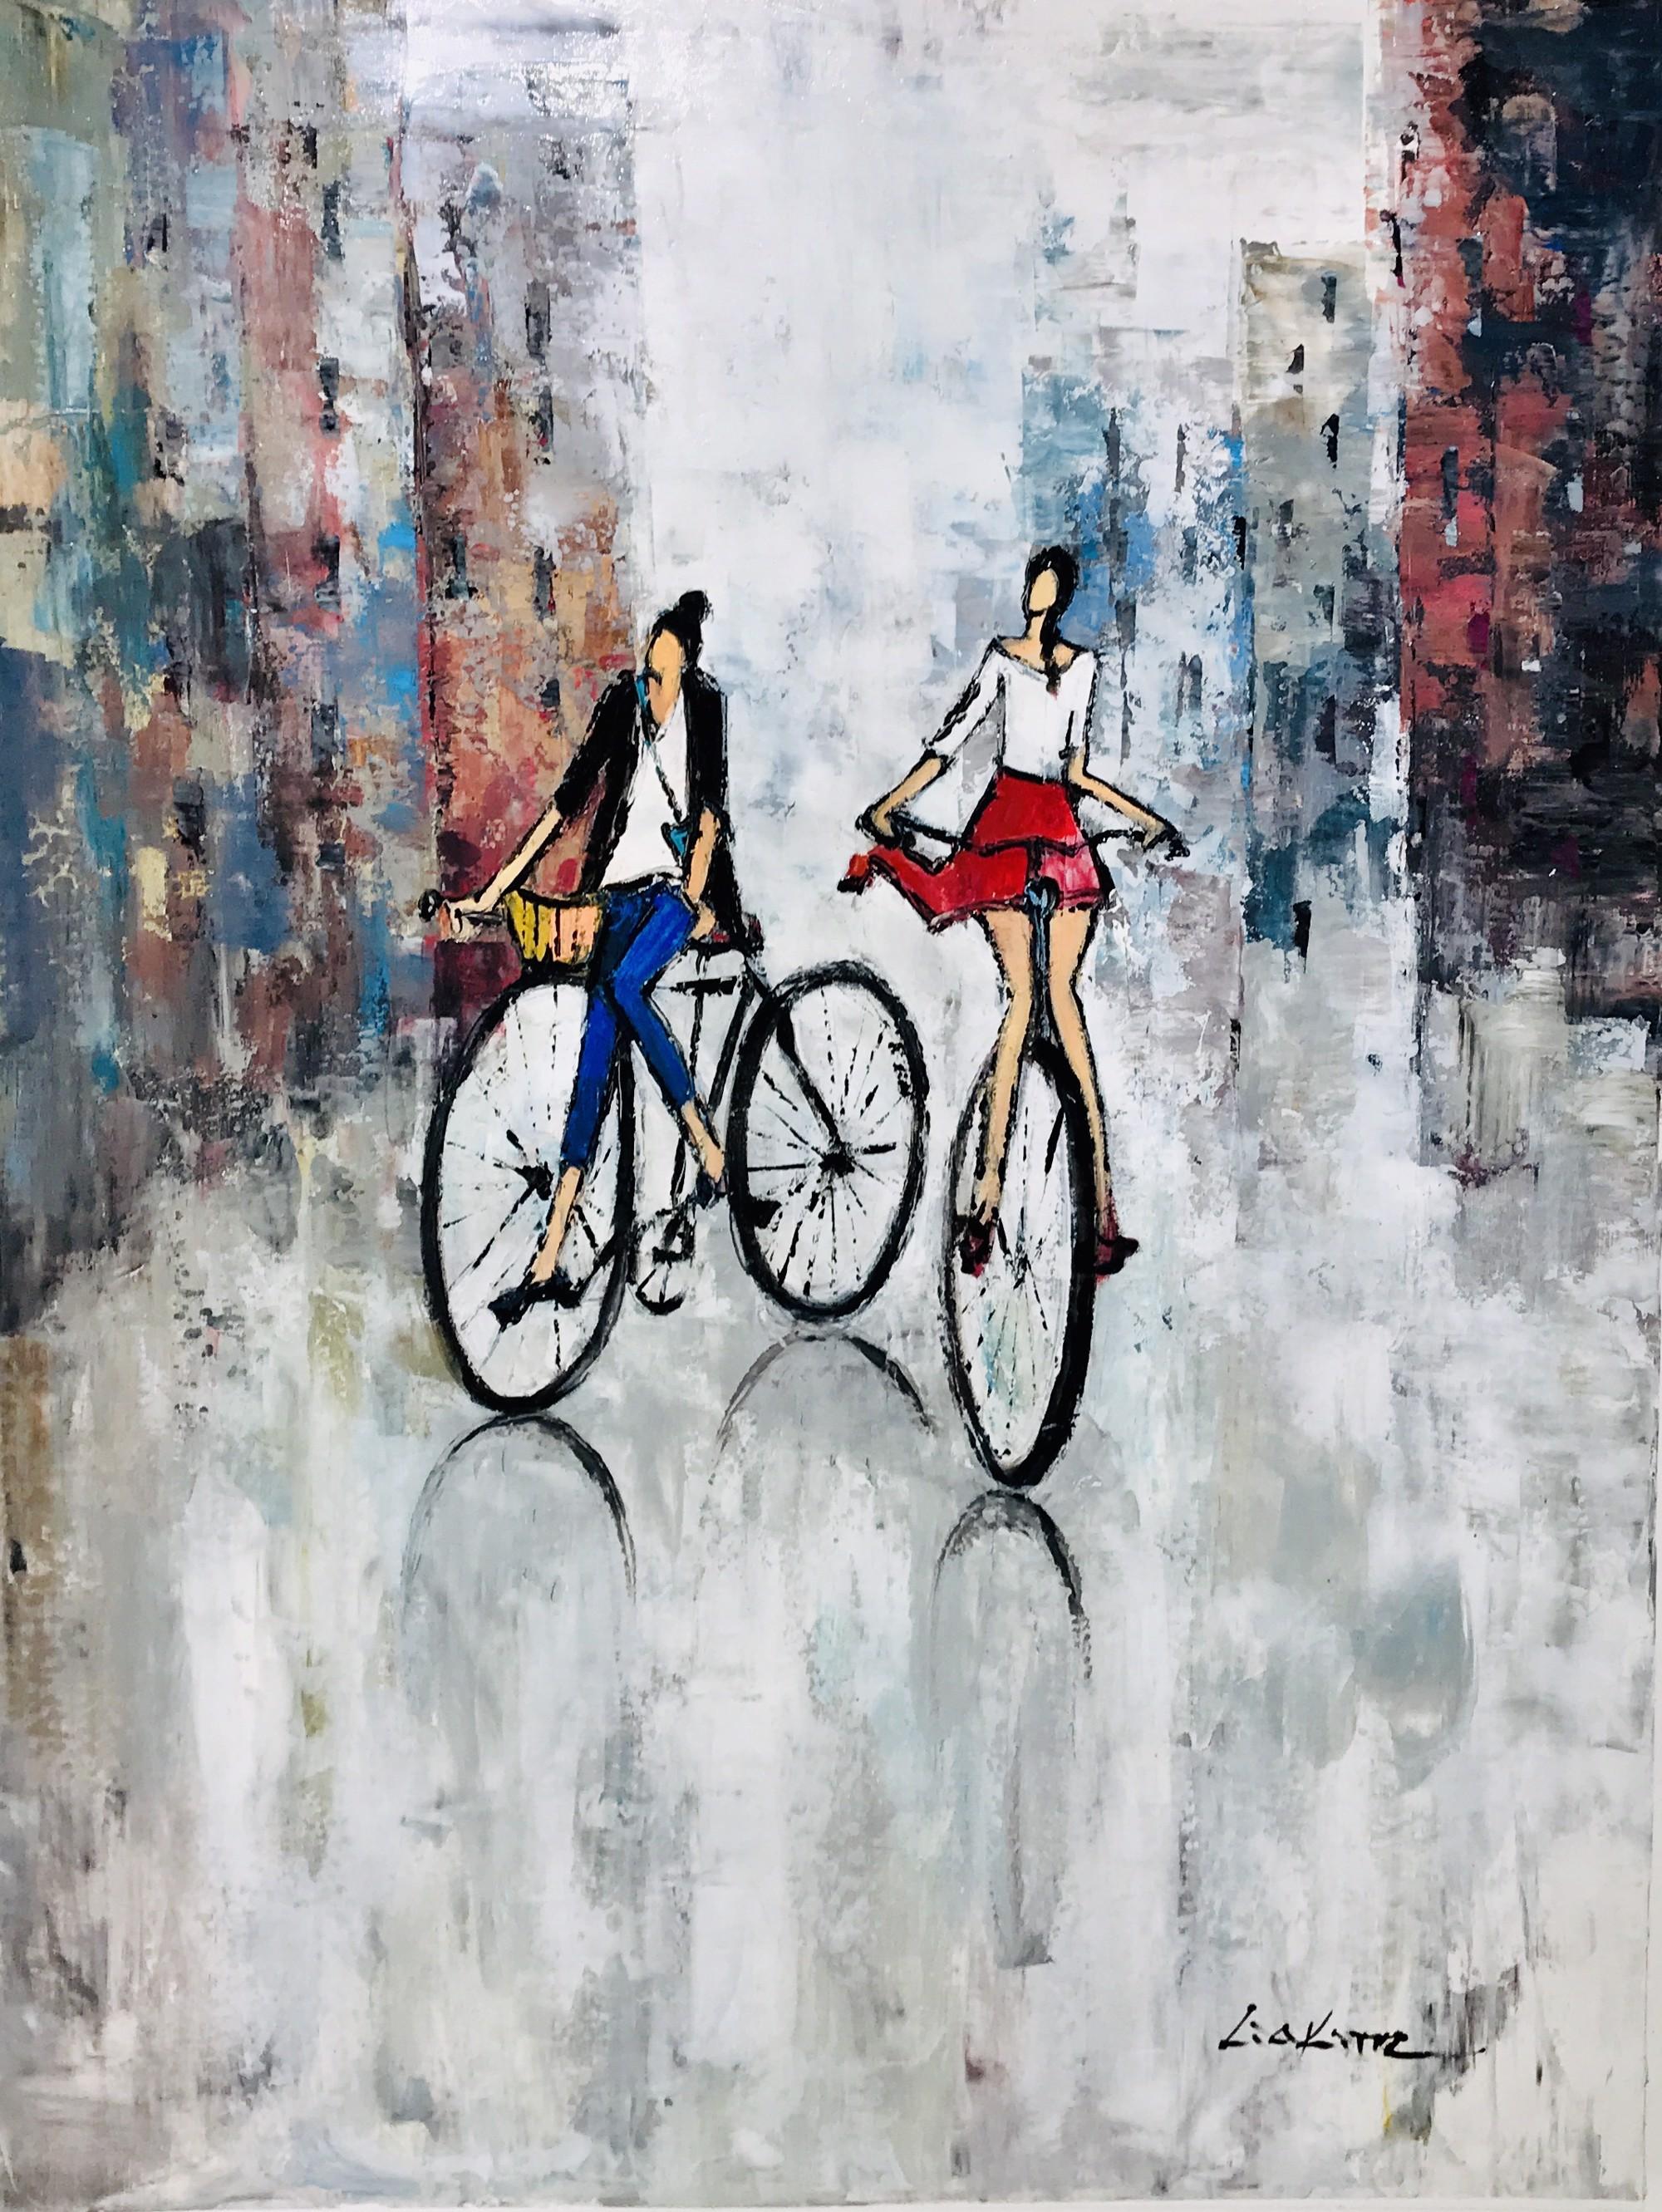 TWO WOMEN CYCLISTS by LIA KIM